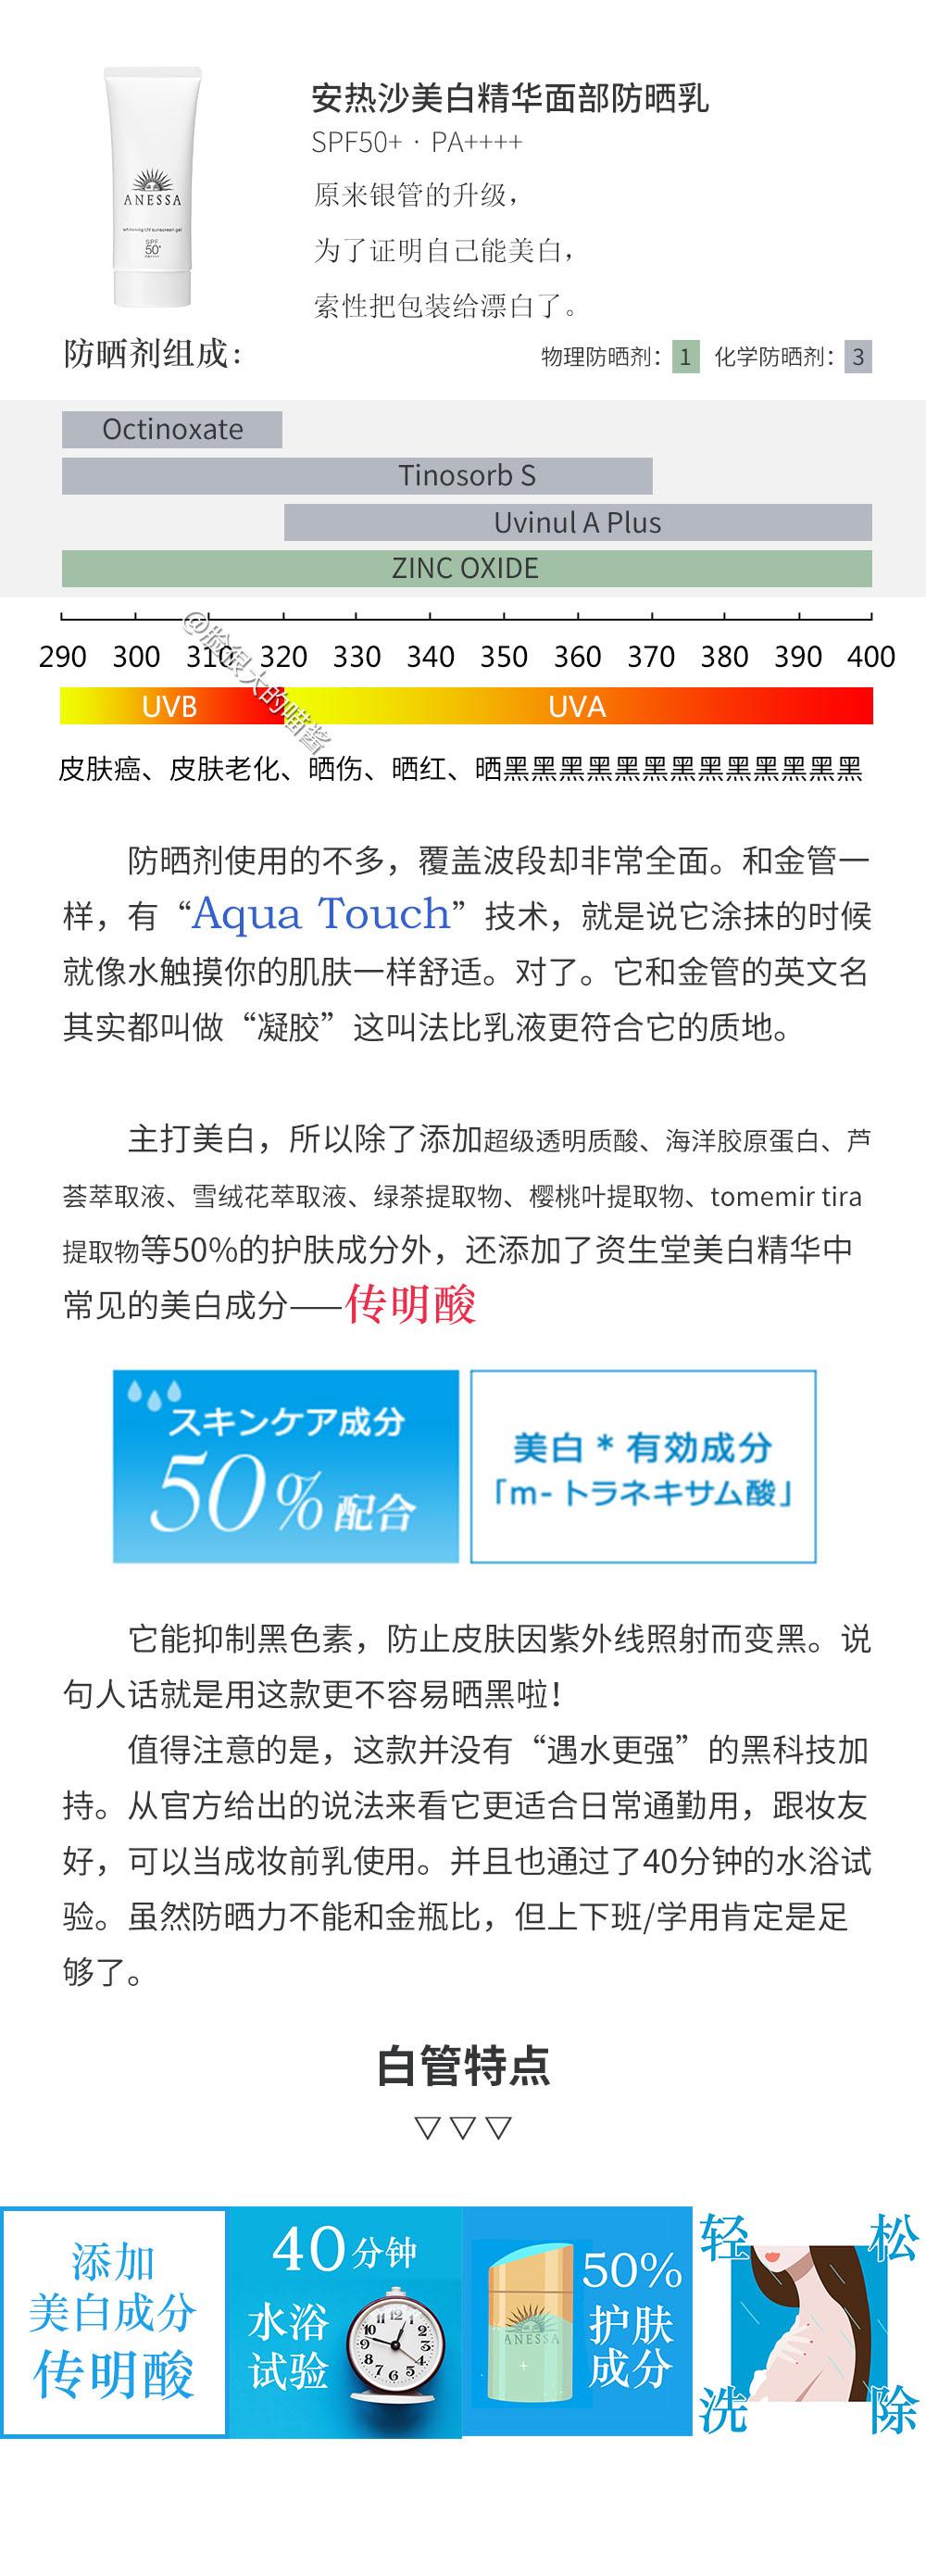 安热沙新款图-3.jpg